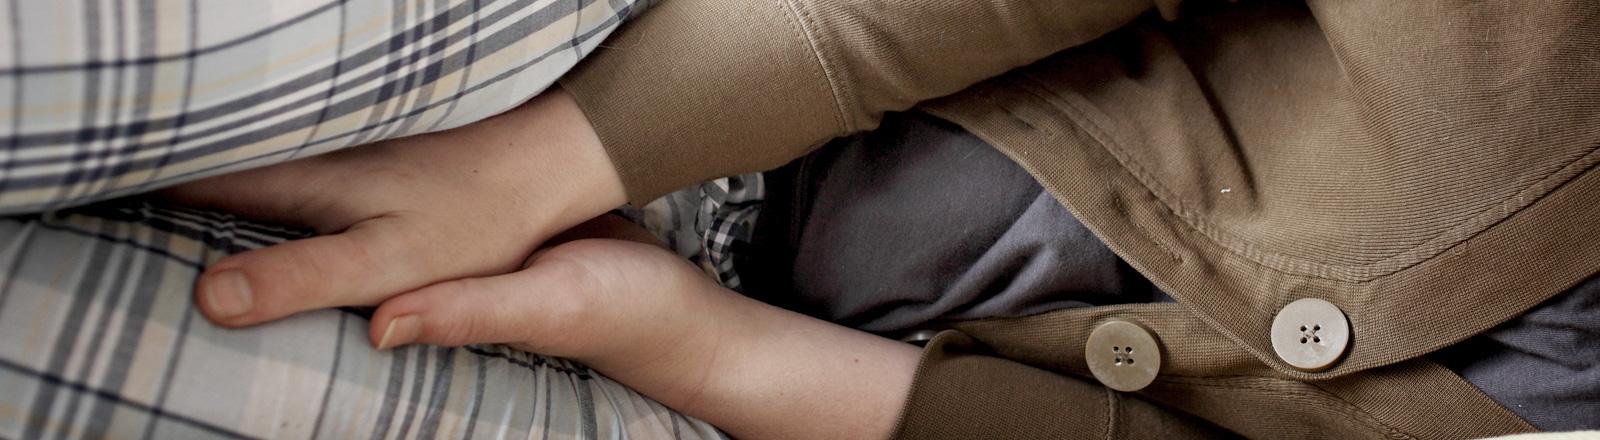 Eine Frau liegt auf der Seite und klemmt sich ihre Hände zwischen die Beine.